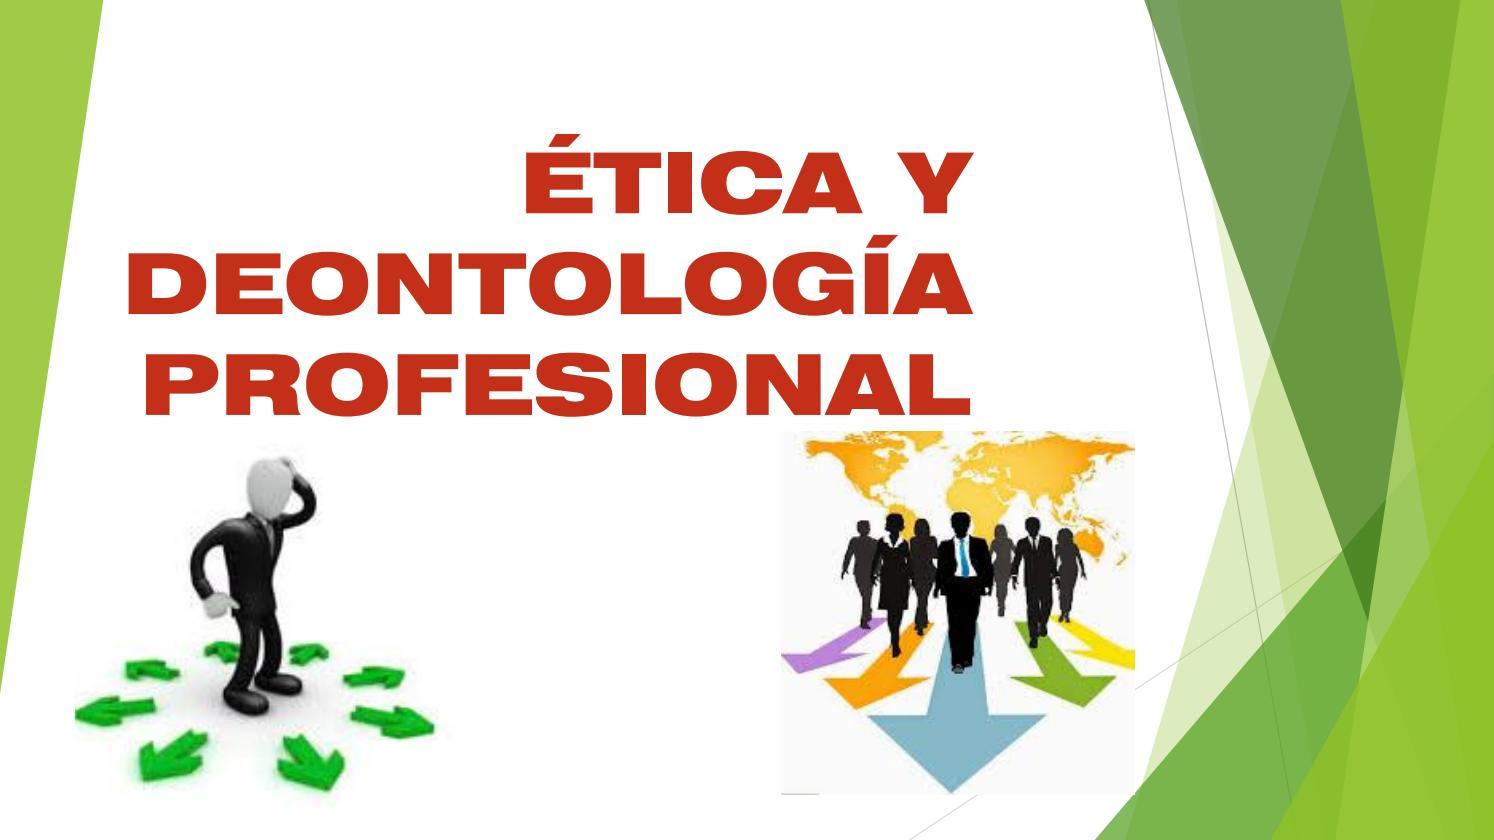 Ética y deontología profesional revista by rafaxdiaz11 - issuu